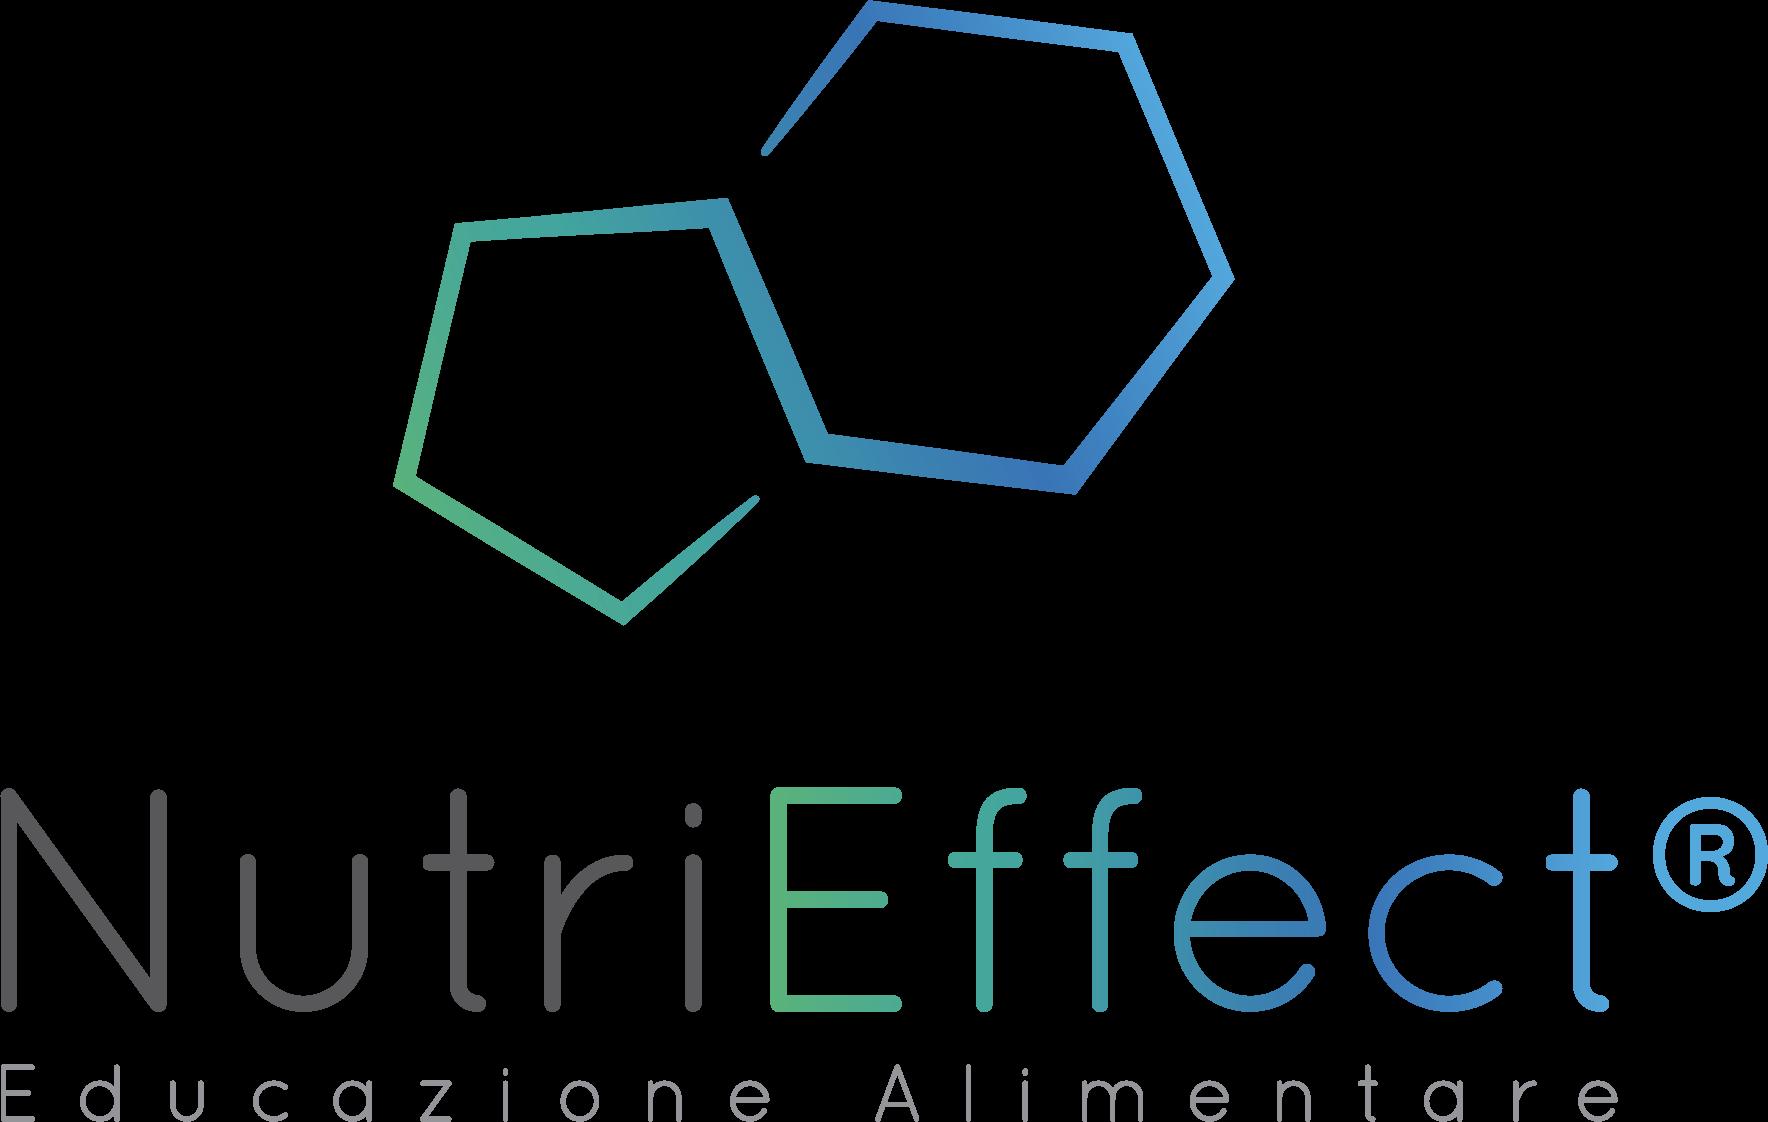 Logo NutriEffect - Educazione Alimentare - Marchio Registrato